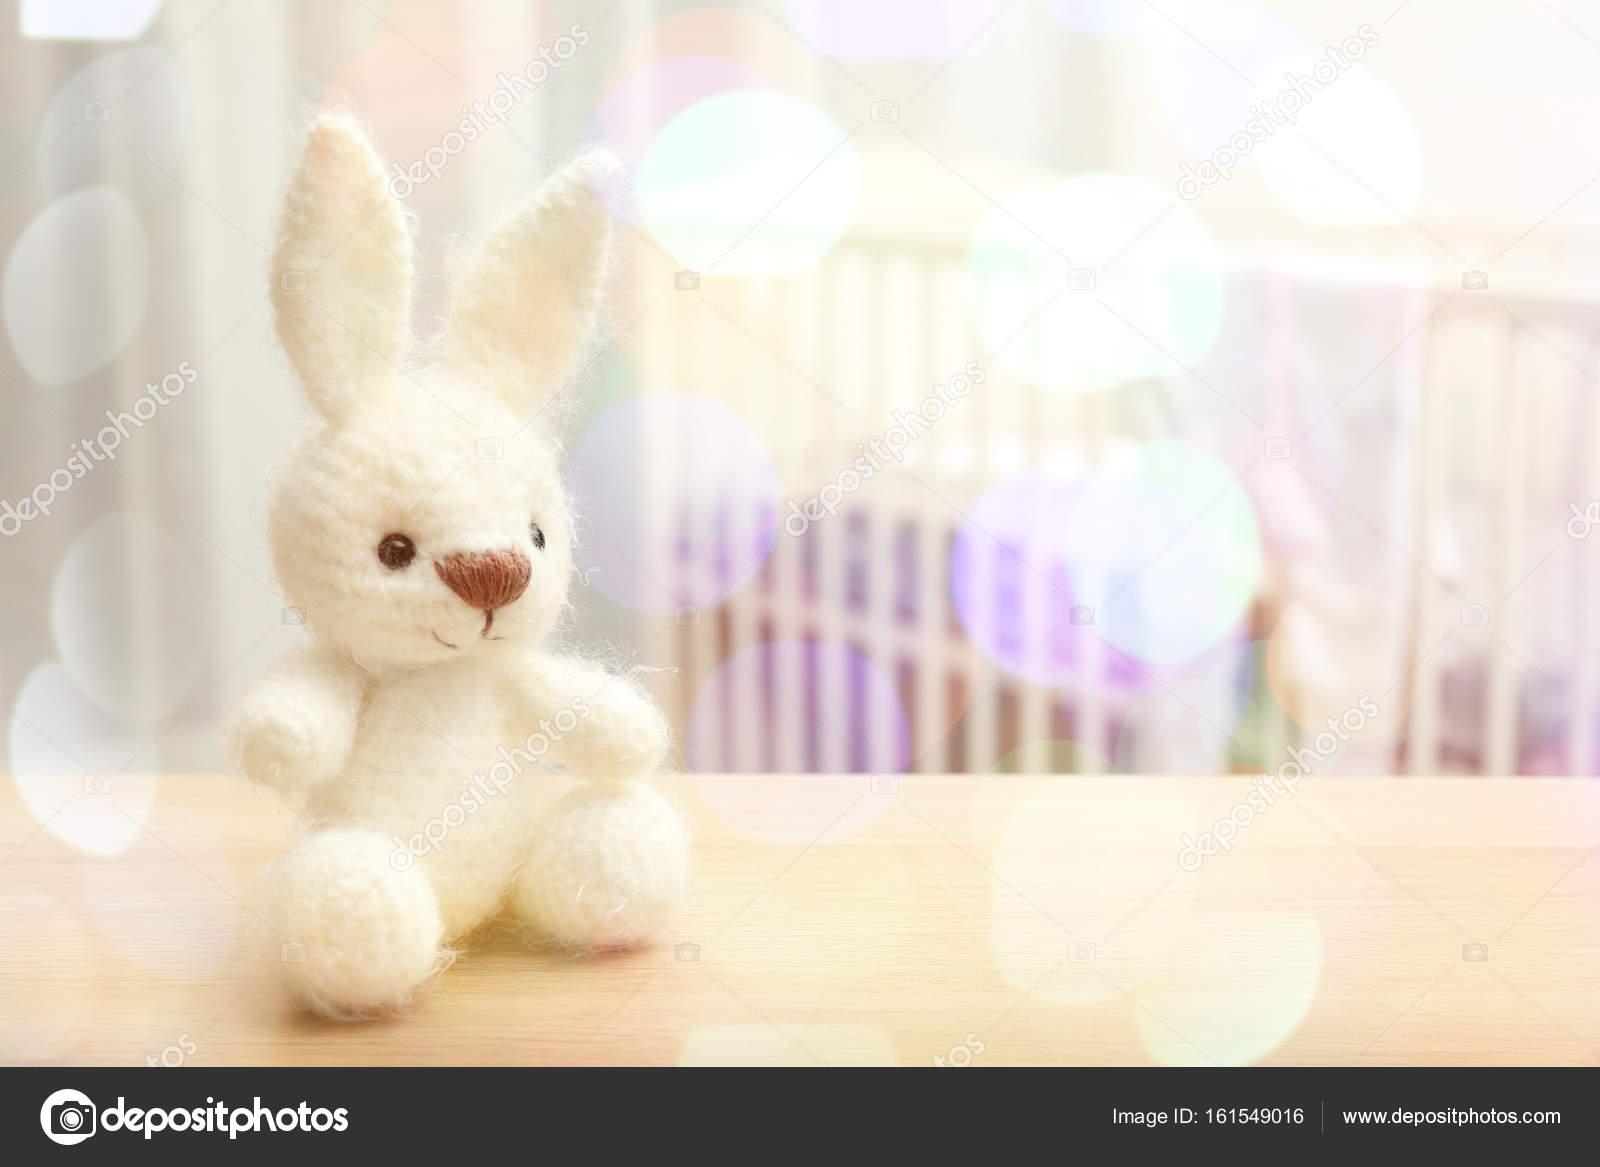 Gestrickte Spielzeug Hase Und Unscharfen Babyzimmer Stockfoto